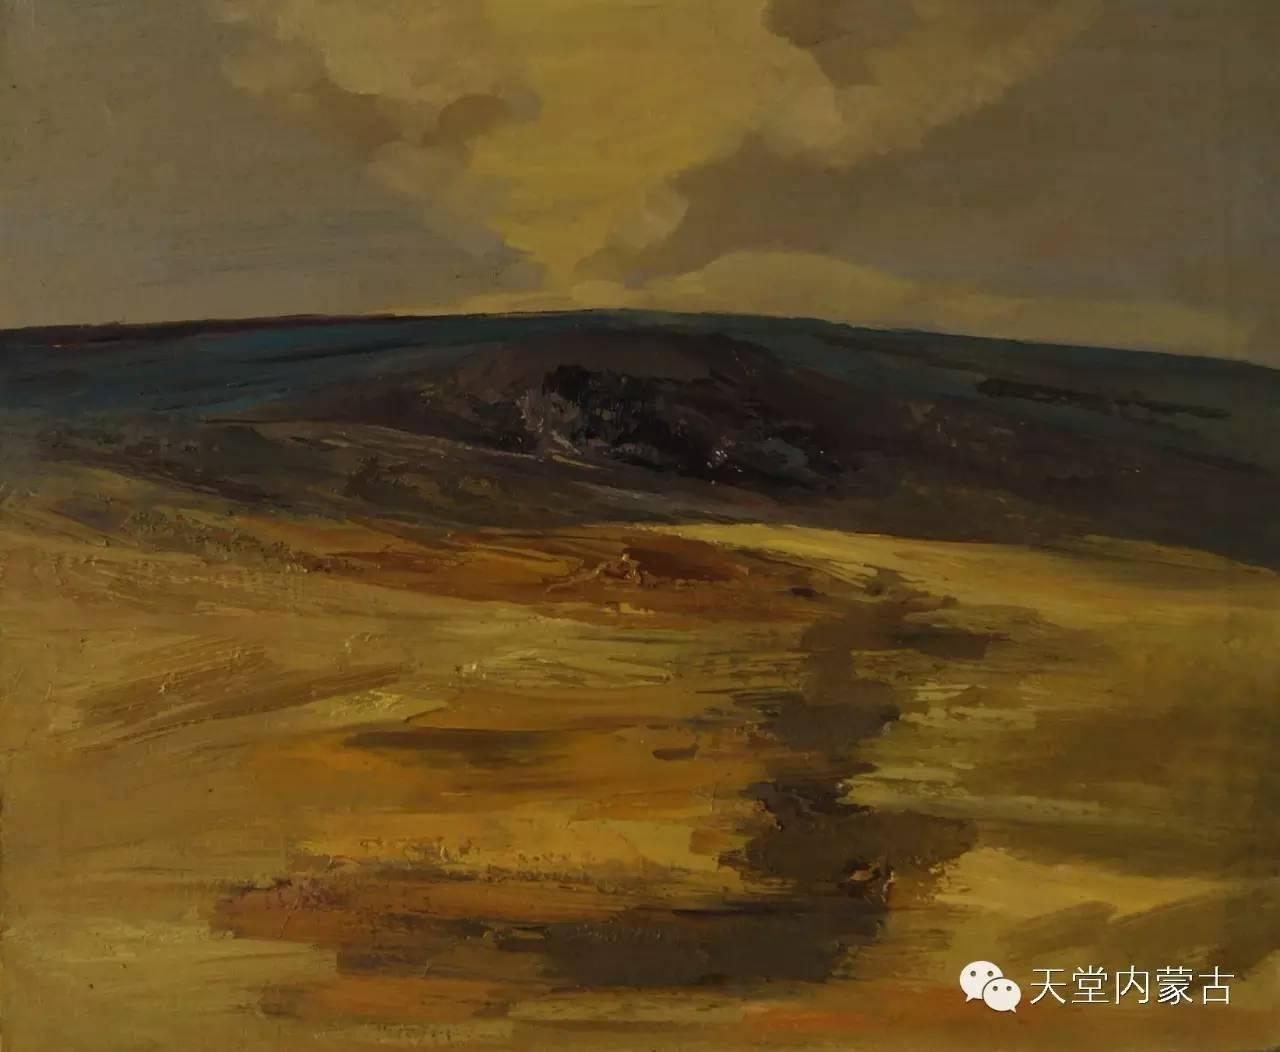 🔴内蒙古画家刘东油画作品 第23张 🔴内蒙古画家刘东油画作品 蒙古画廊